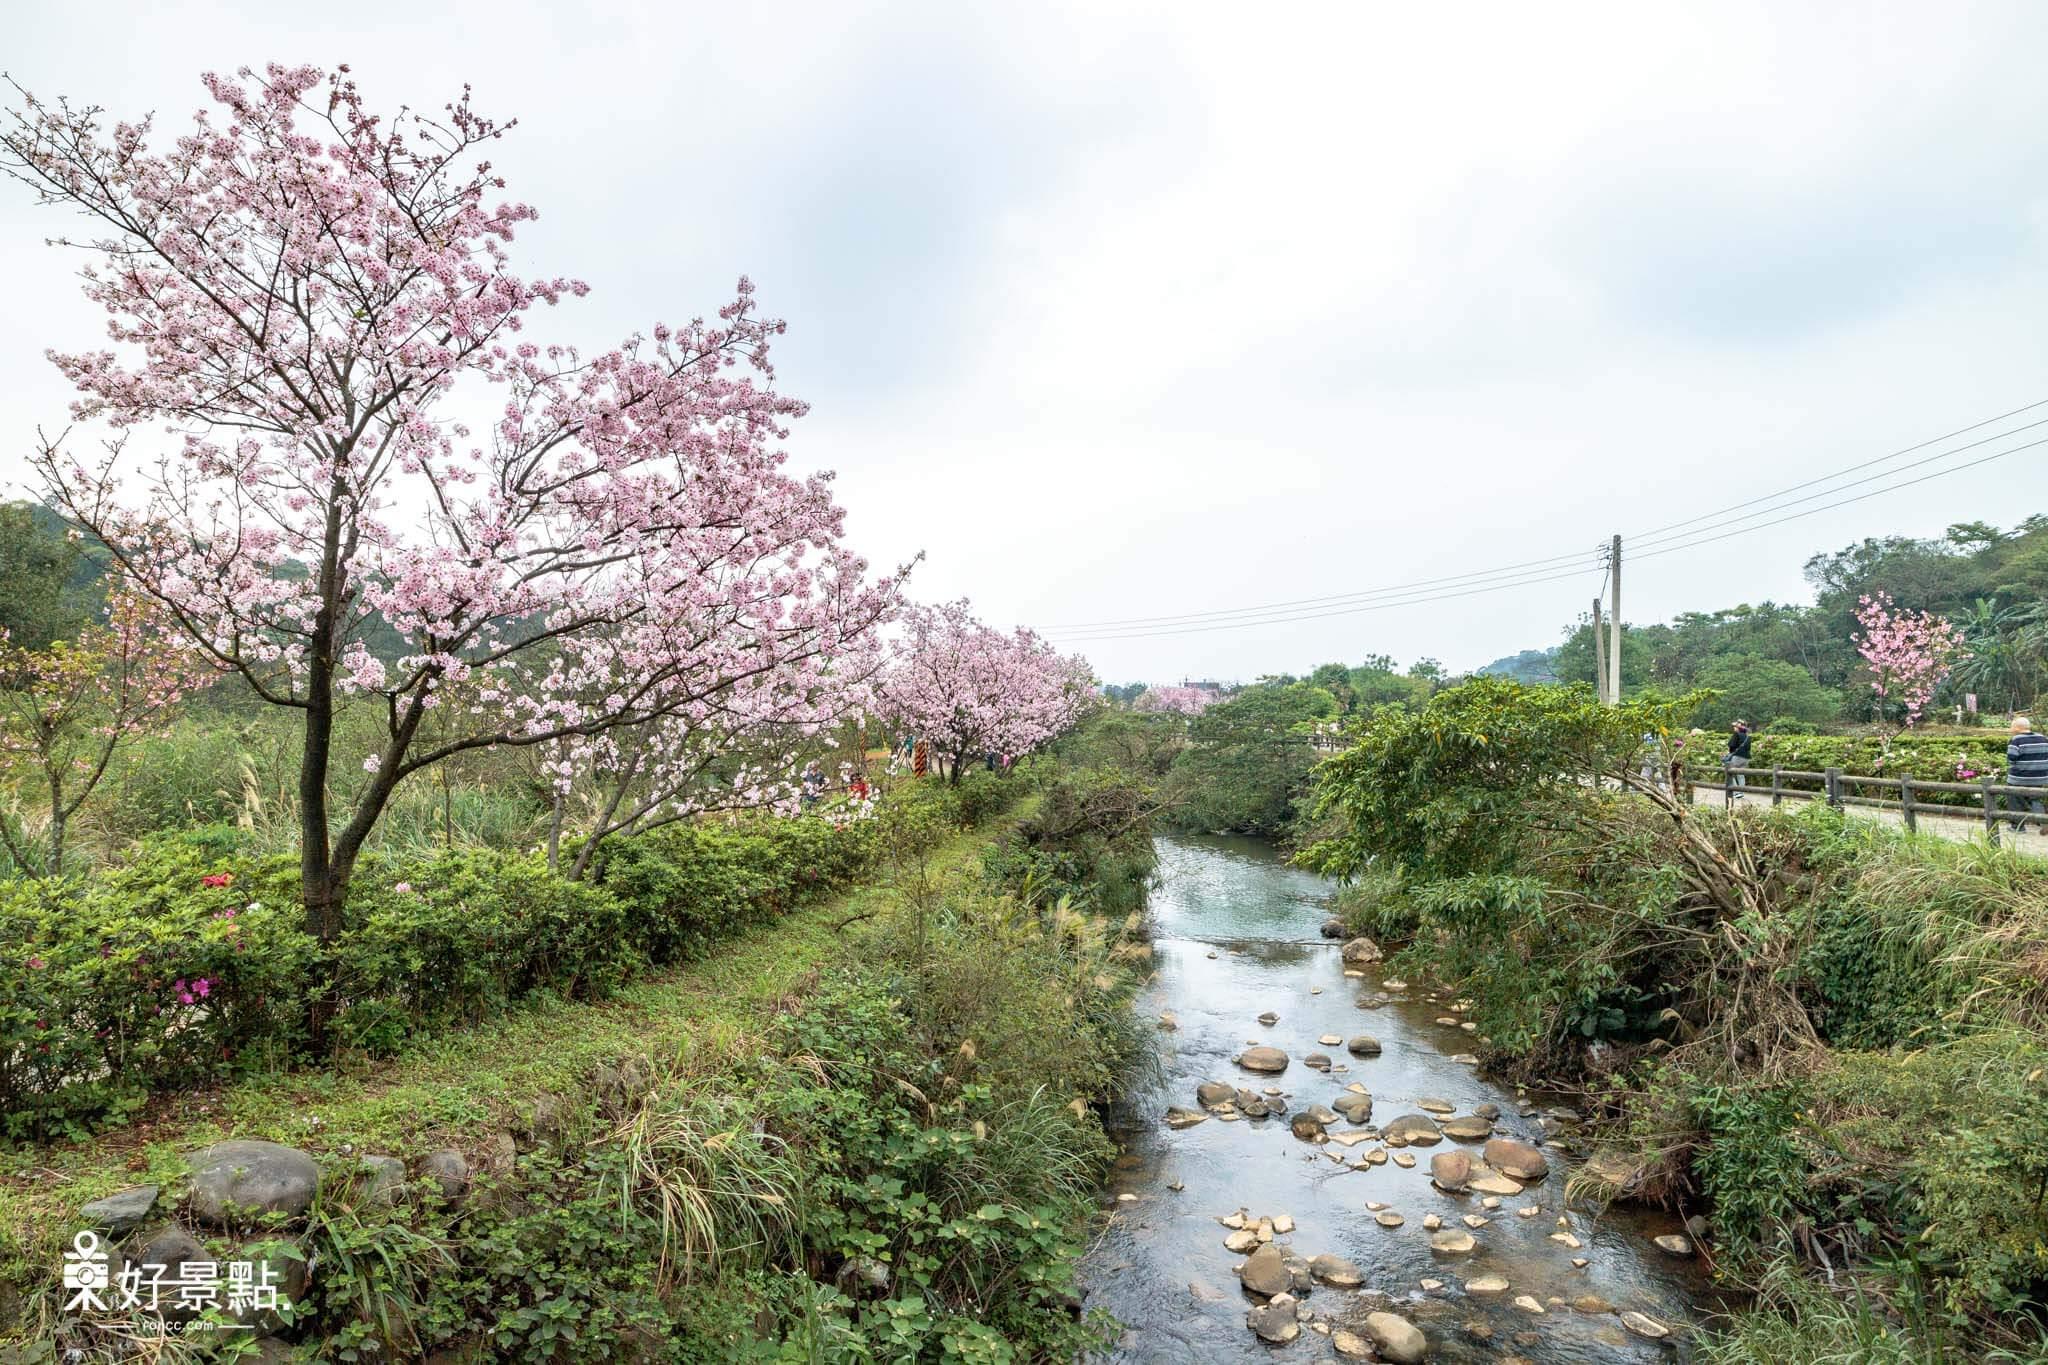  新北。三芝 三生步道賞櫻-2018三芝櫻花季